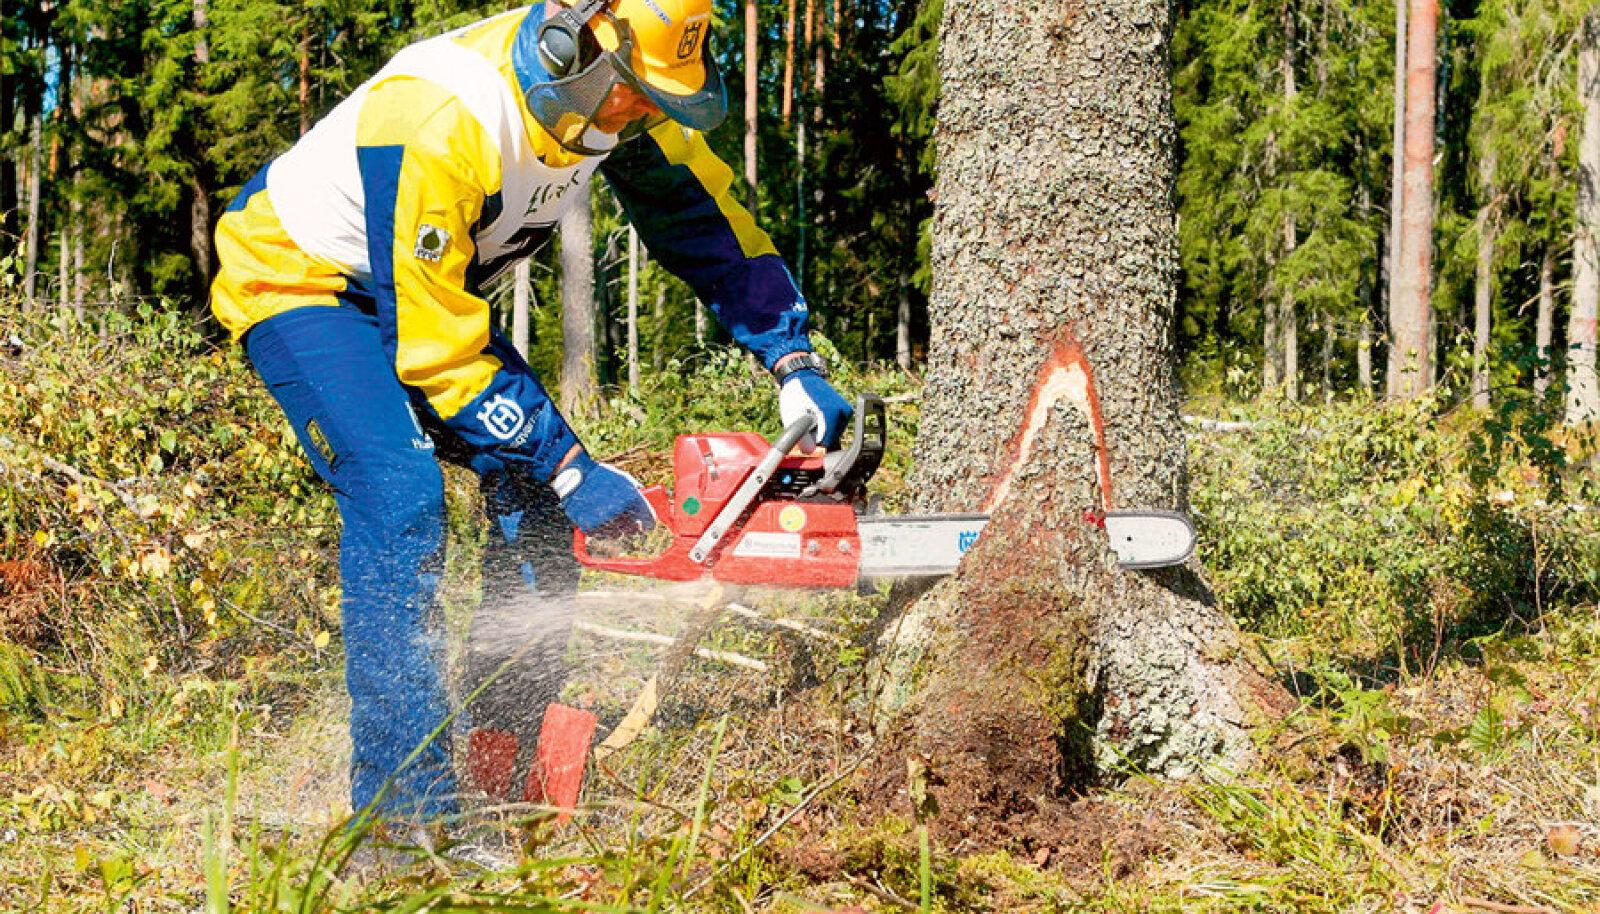 Kui kett terav, kasutusel kvaliteetsed määrdeained ning hooldustöö õigeaegselt tehtud, peab mootorsaag ka rängal metsatööl vastu aastaid.